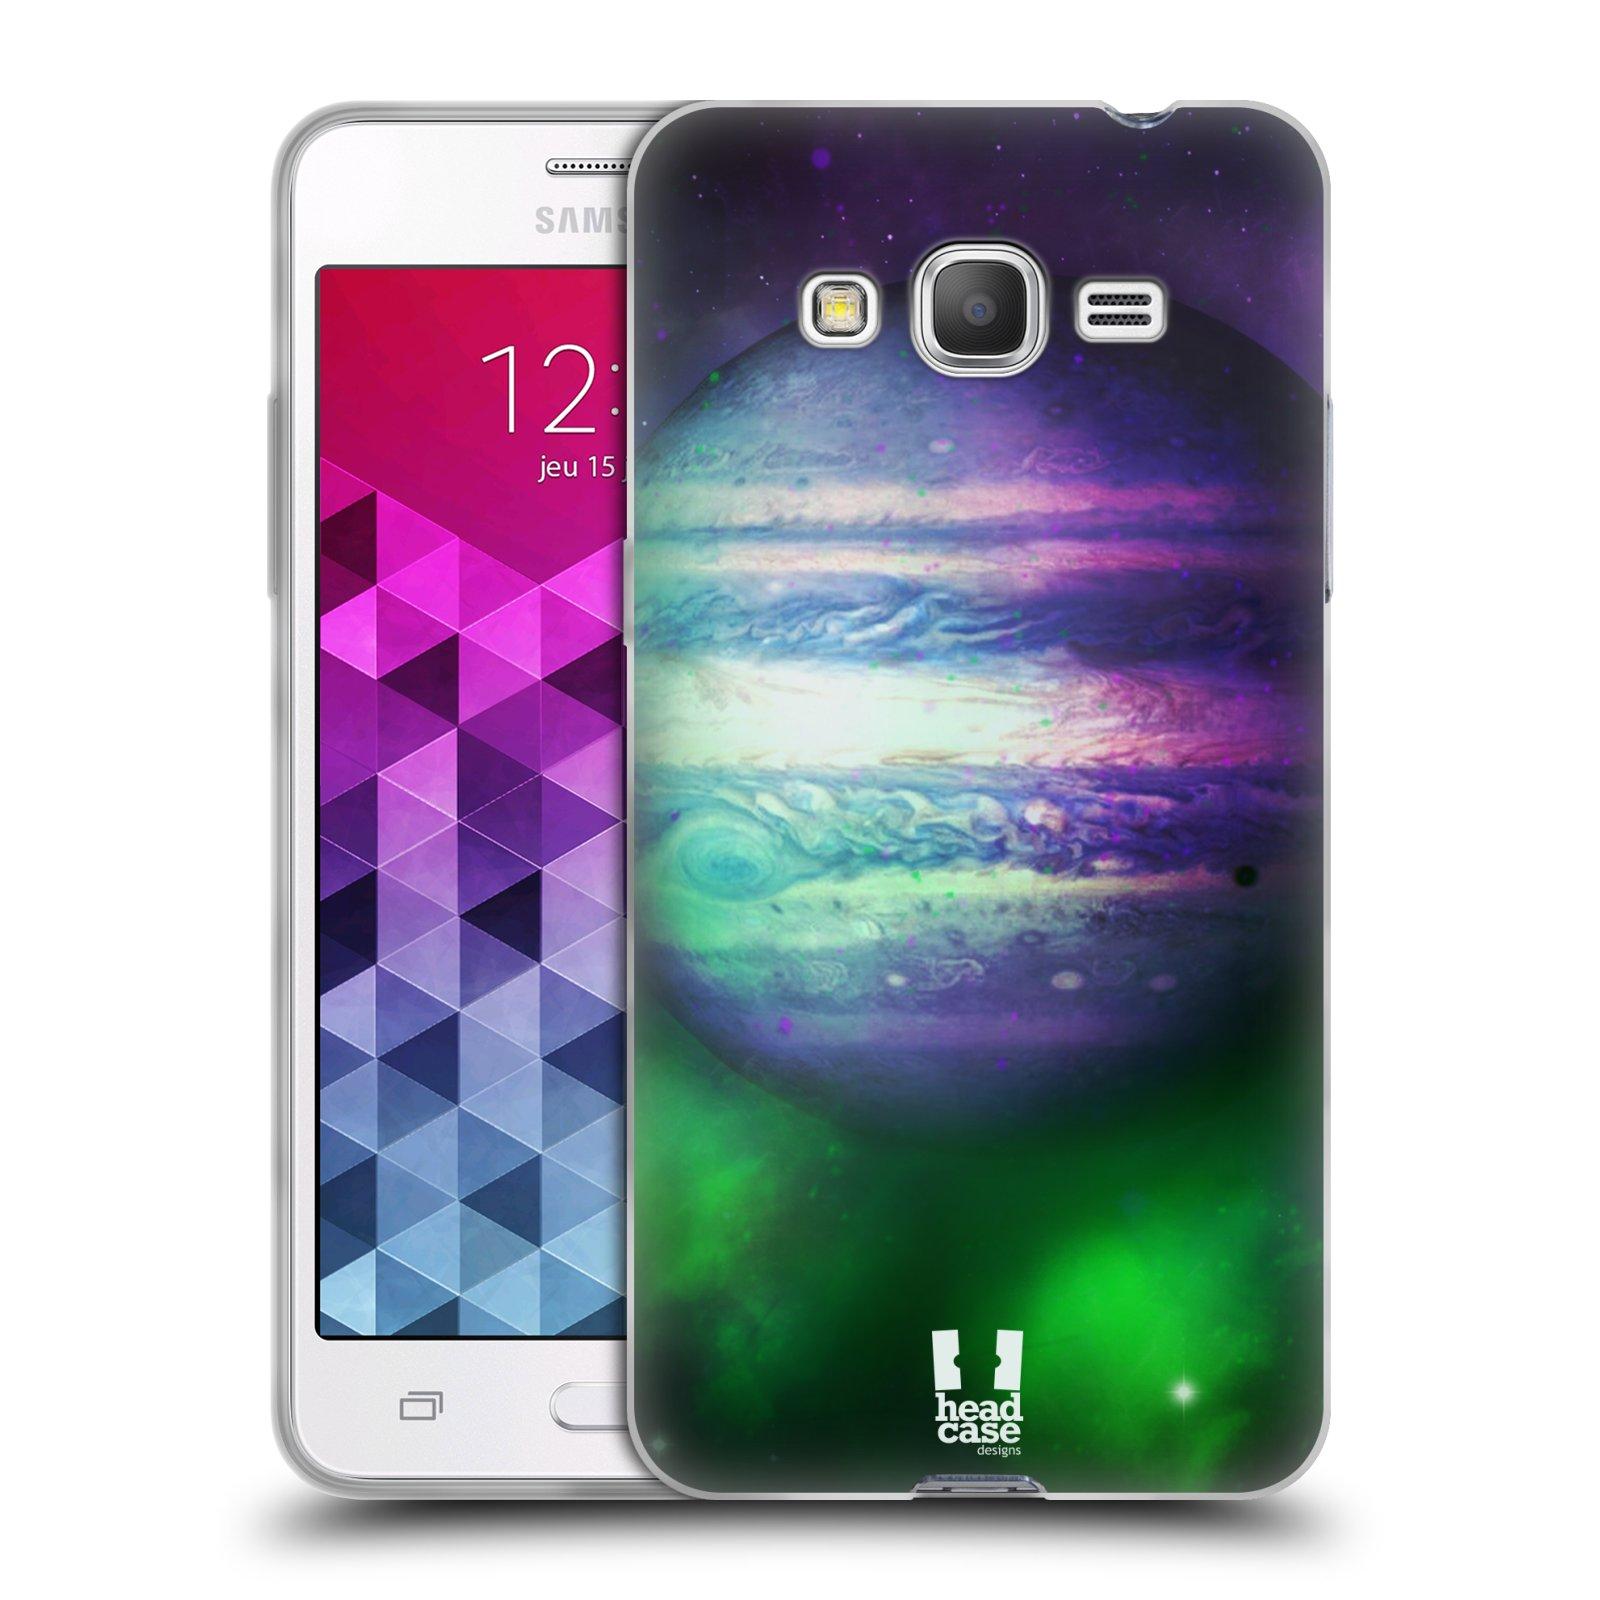 HEAD CASE silikonový obal na mobil Samsung Galaxy GRAND PRIME vzor Vesmírná krása JUPITER MODRÁ